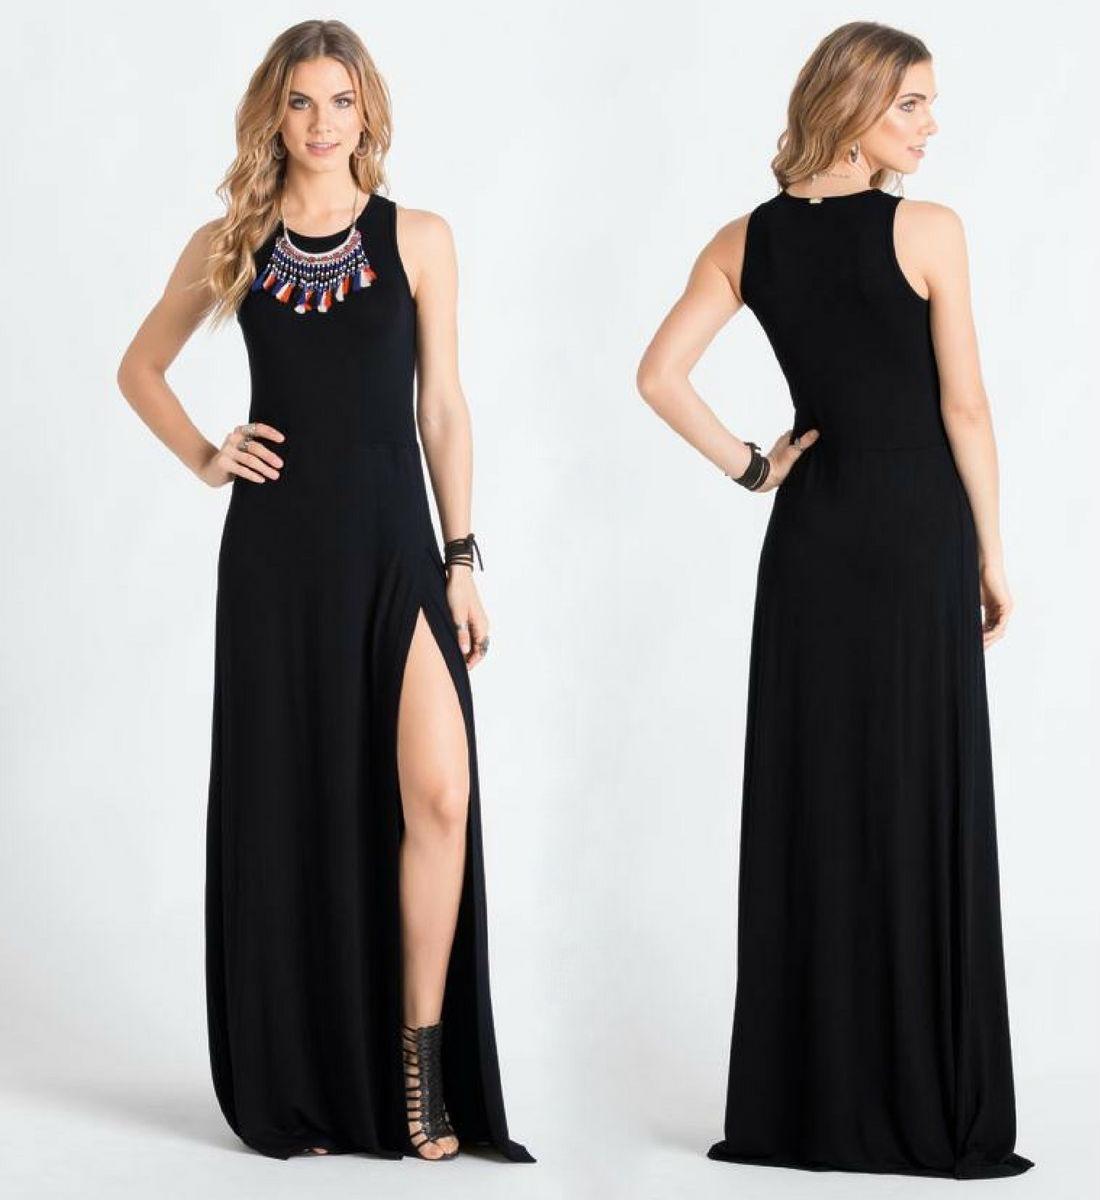 a206bcf14 Carregando zoom... vestido de festa moda evangélica plus size longo preto  lindo